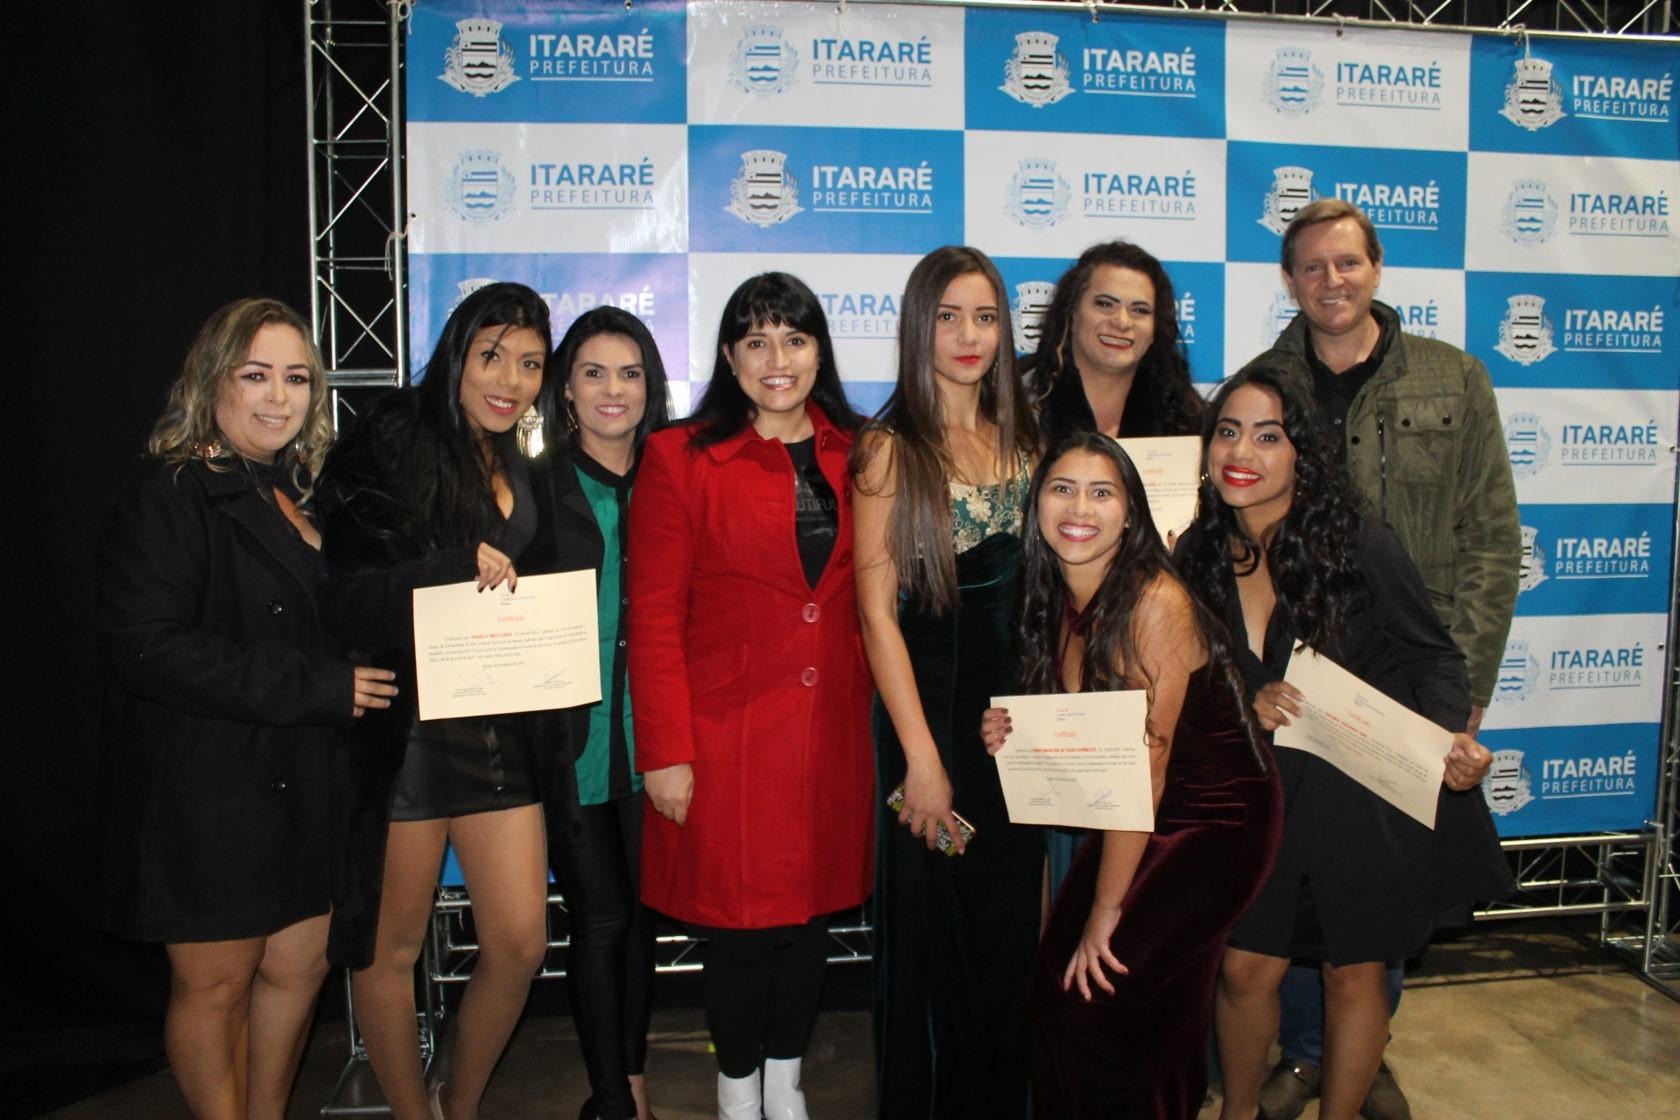 Prefeito e primeira-dama de Itararé (SP) entregam certificados aos formandos da Escola de Beleza